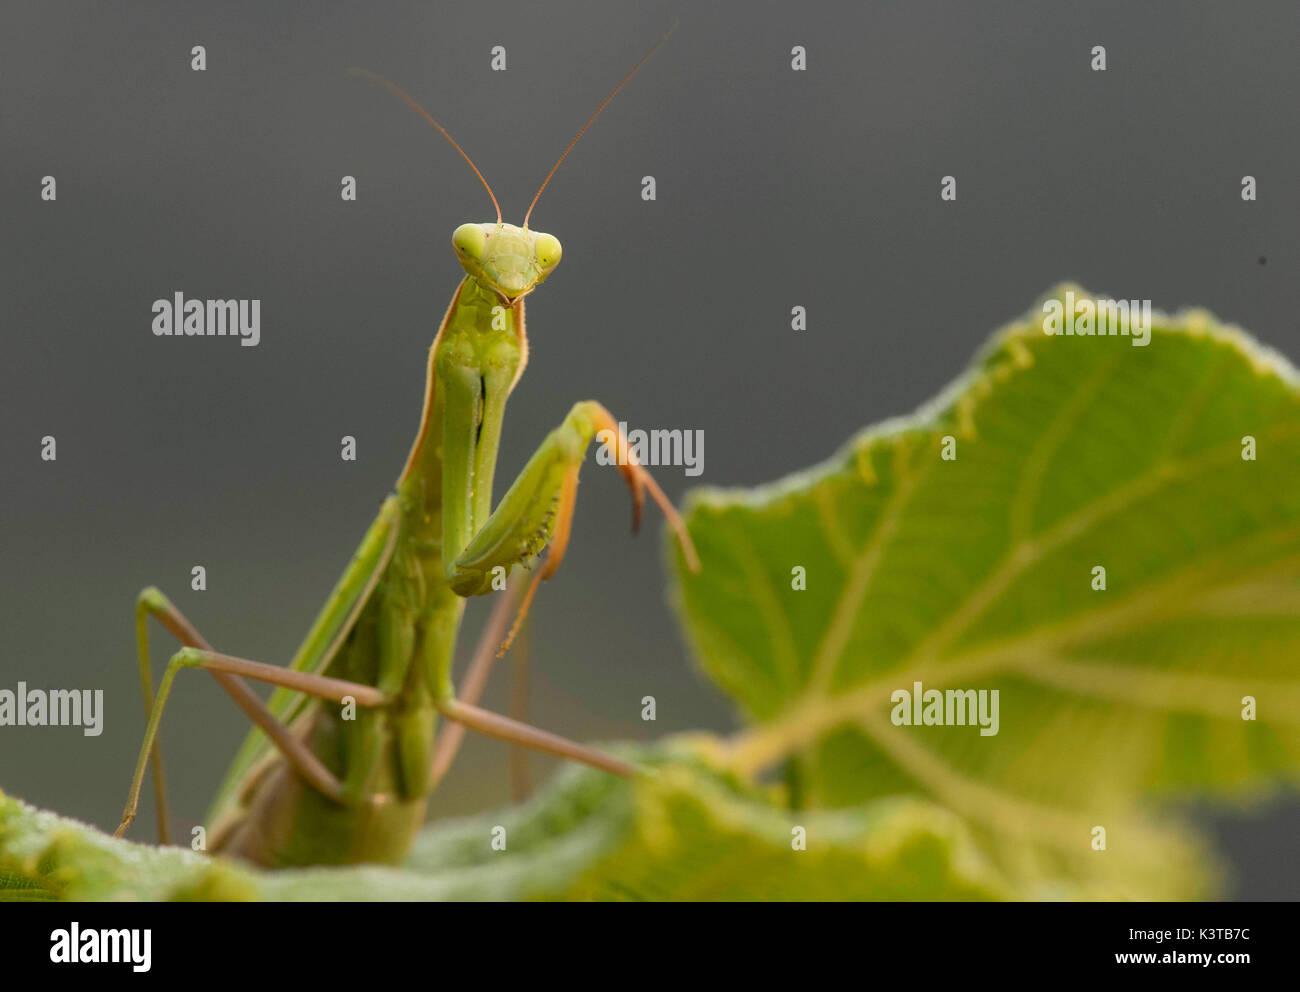 Charmant Draht Insekten Bilder - Elektrische Schaltplan-Ideen ...